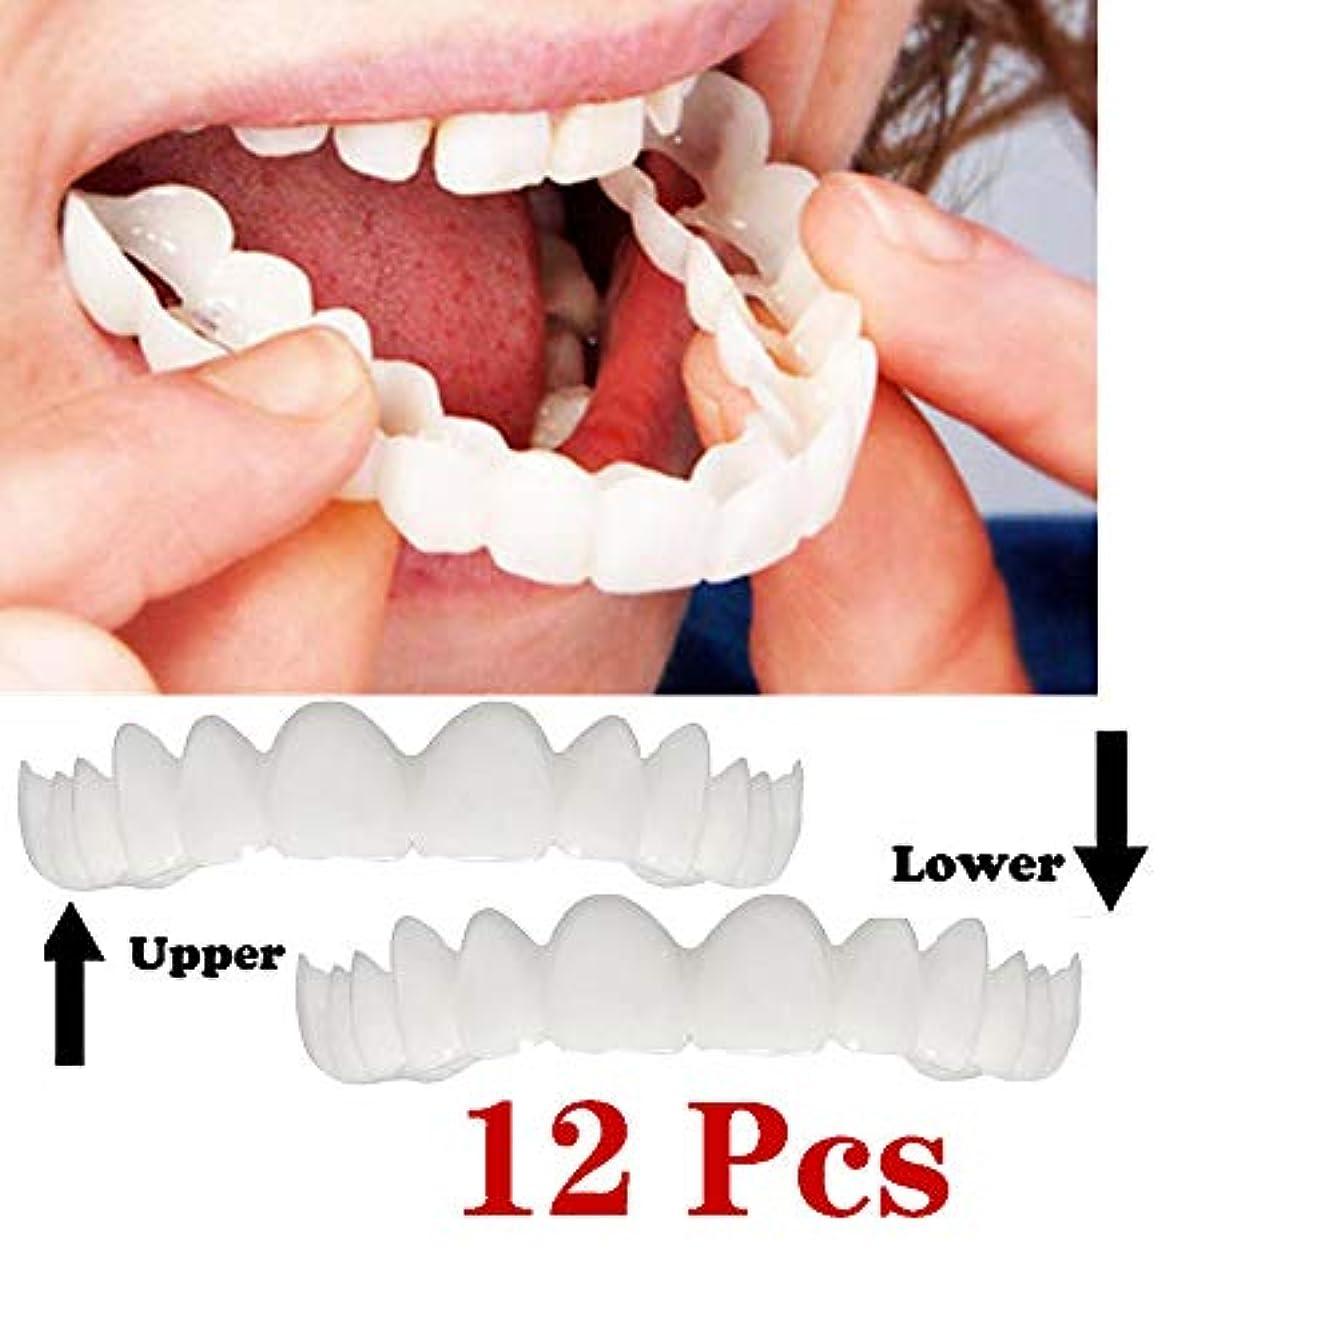 余分な認証心理学快適な化粧品歯柔軟な義歯一時的な笑顔悪い歯黄色い歯黒い歯ホワイトニング義歯ケアブレース - 6セット(下+上)